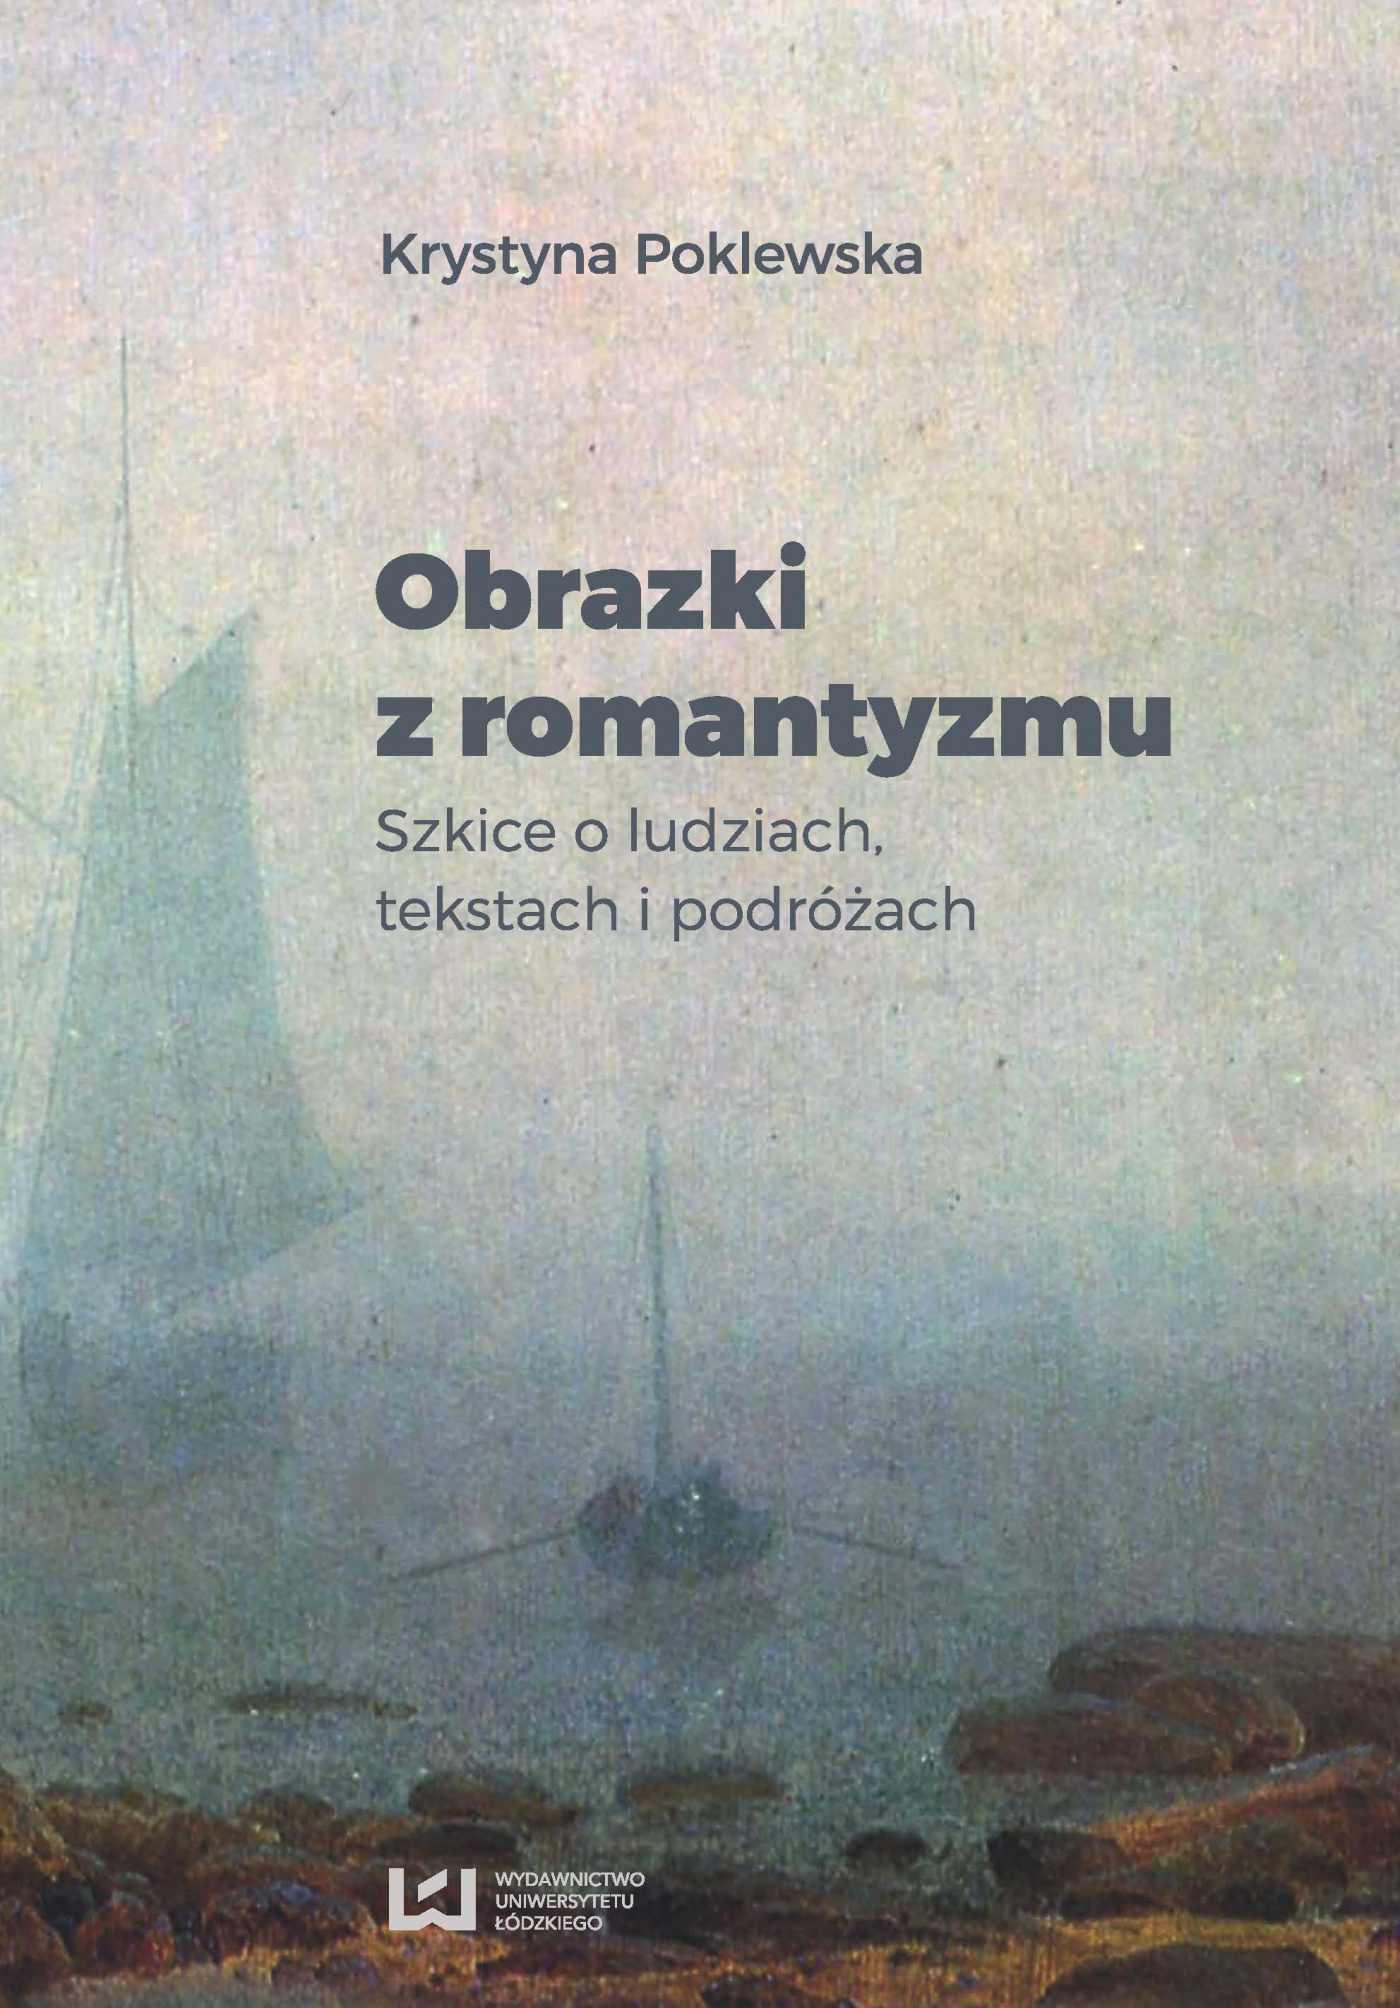 Obrazki z romantyzmu. Szkice o ludziach, tekstach i podróżach - Ebook (Książka PDF) do pobrania w formacie PDF